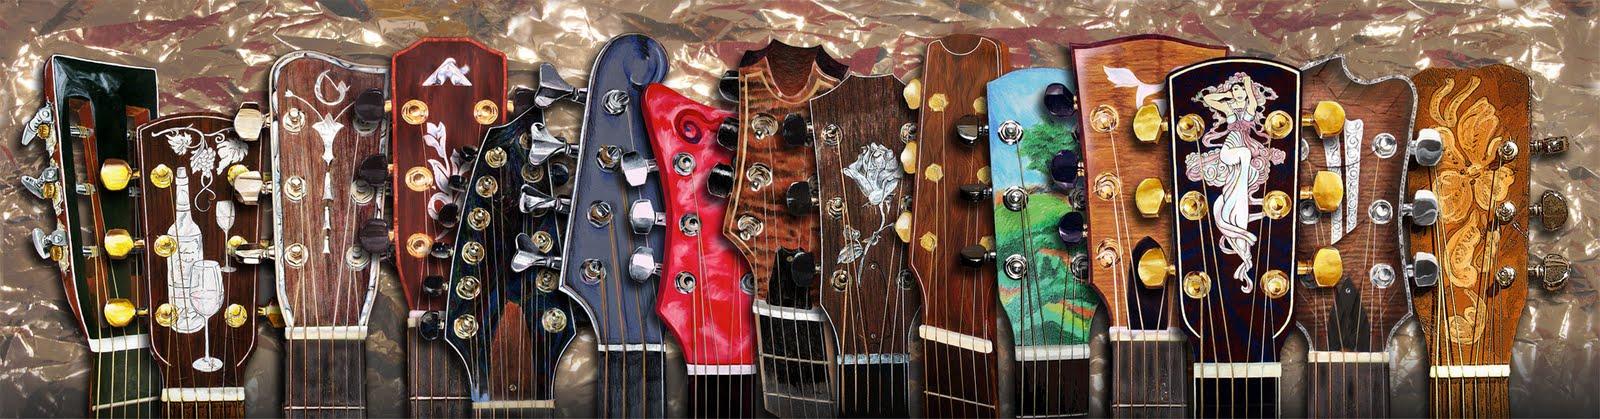 Barrinhas de Instrumentos musicais